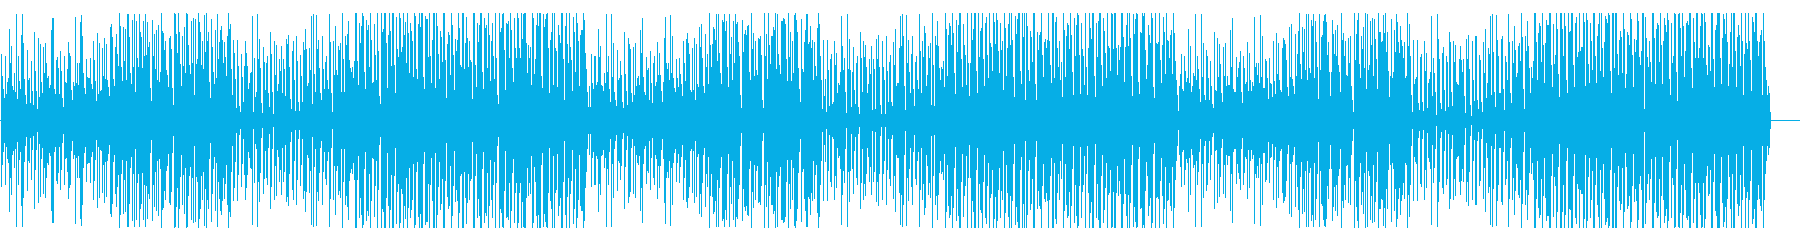 ボサノバ風ほのぼの癒し系BGMです。の再生済みの波形